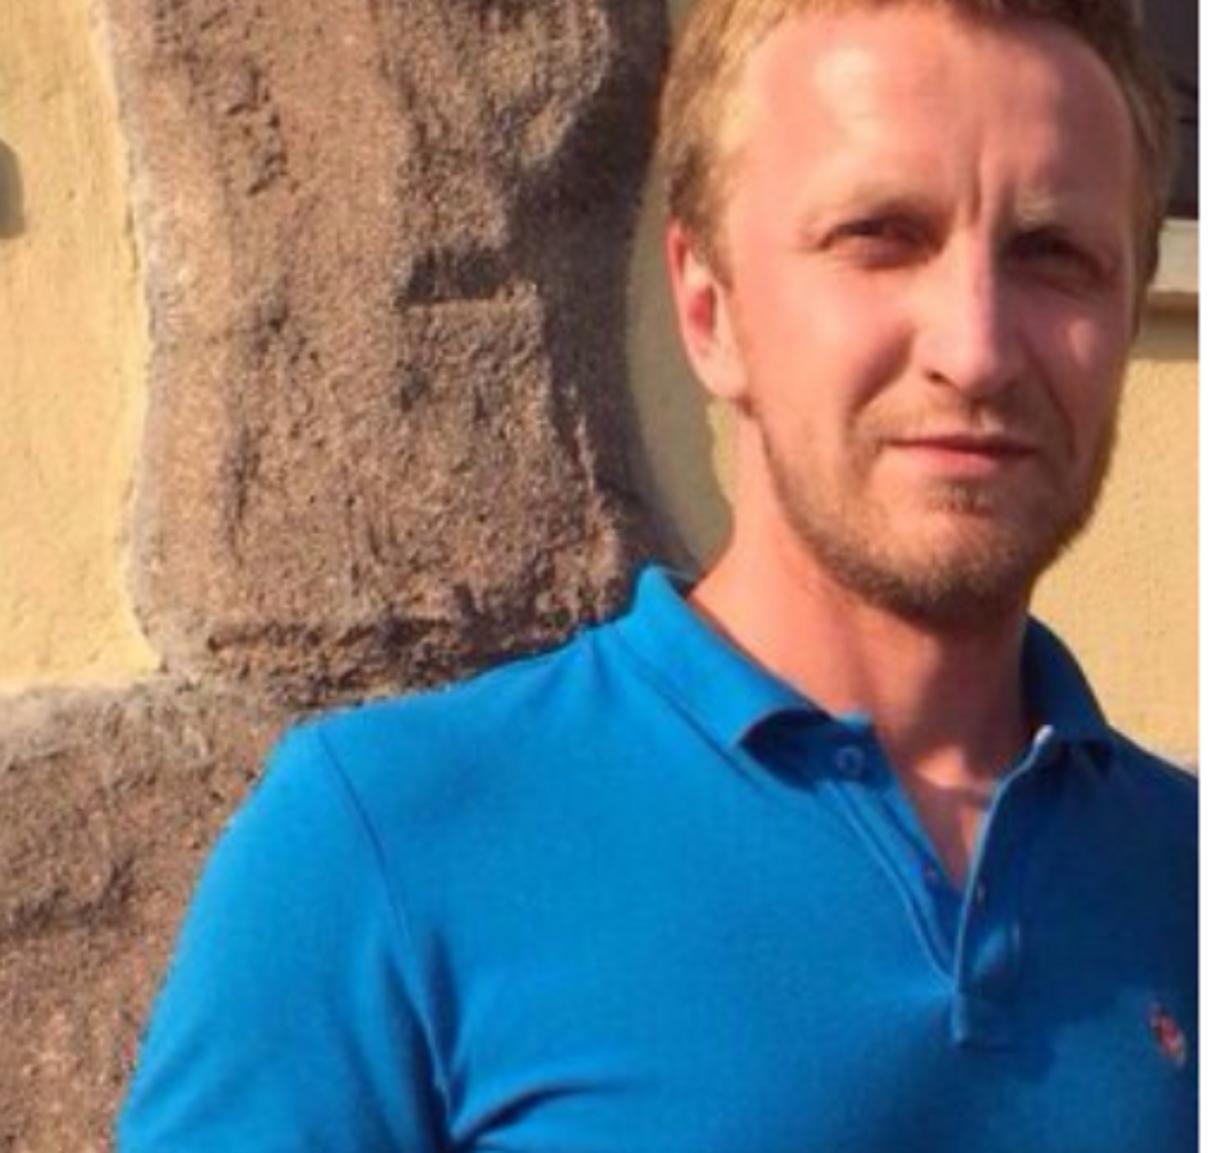 Жалоба-отзыв: Набиев Ульфат Золфатович - Мошенник, аферист, альфонс!!!